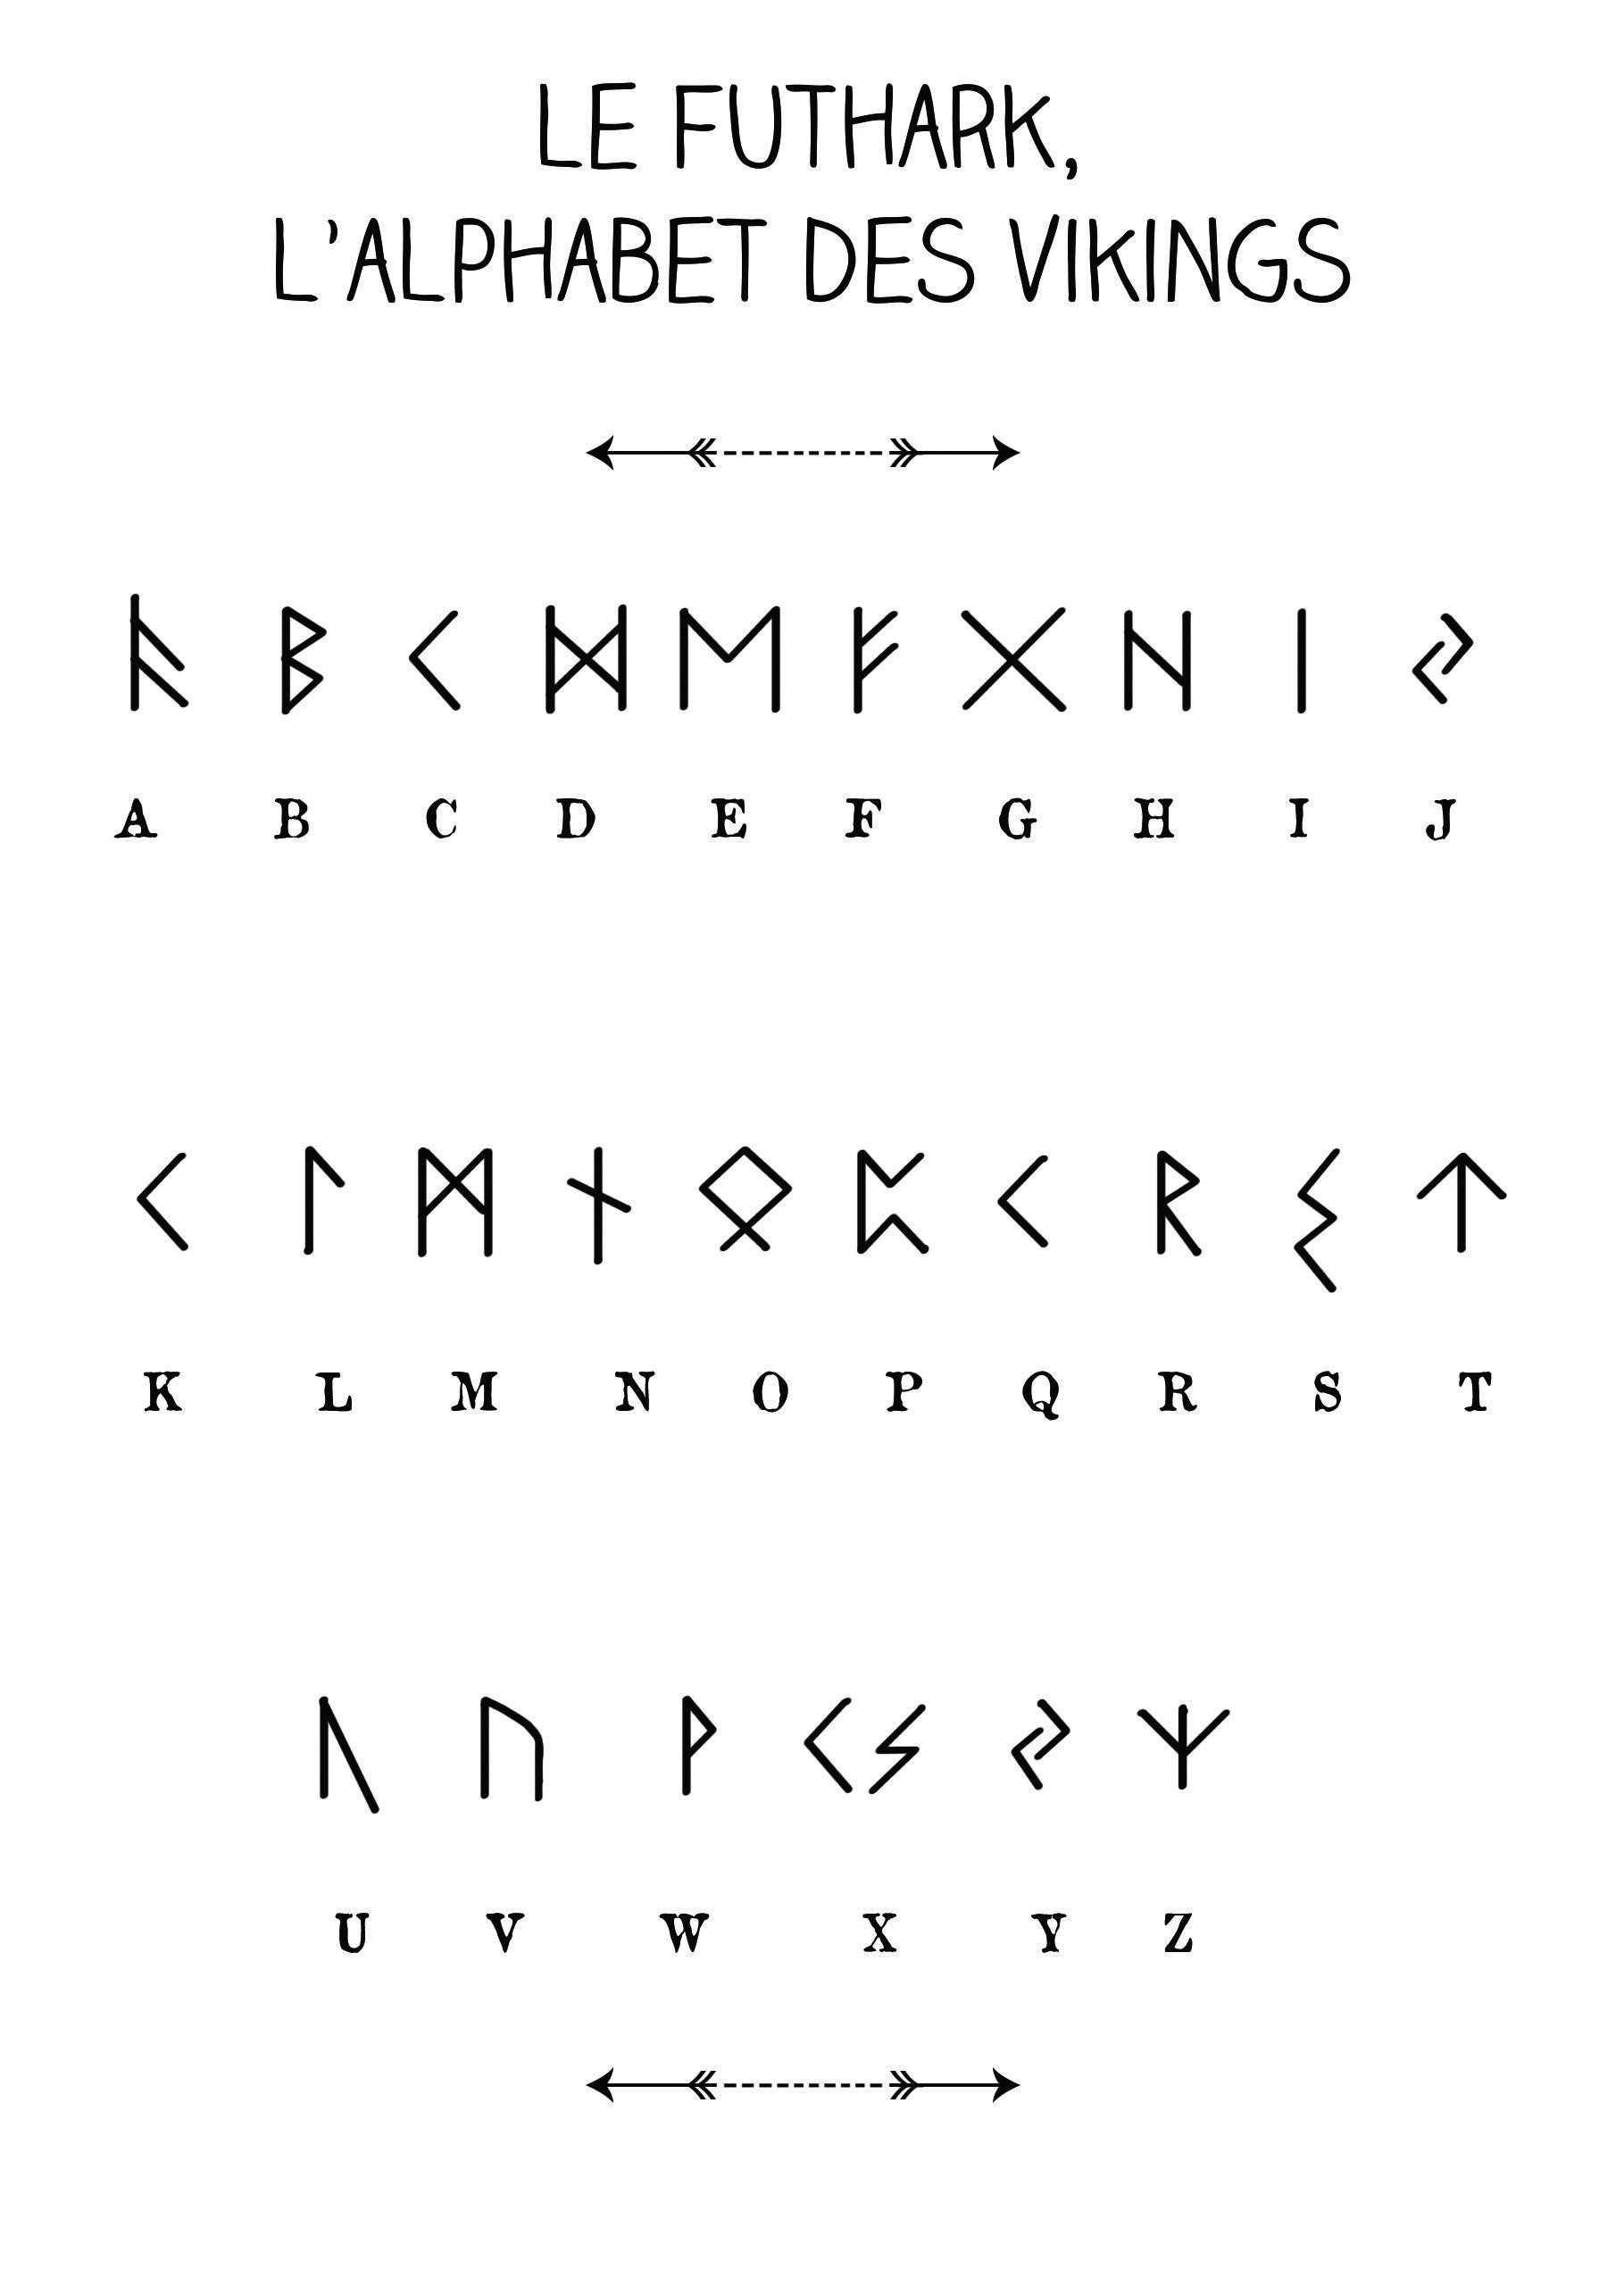 Calendario Imprimir 2017 Por Meses Más Recientes Le Futhark L Alphabet Des Vikings Par L atelier Imaginaire Of Calendario Imprimir 2017 Por Meses Más Reciente Melani Melashi161 On Pinterest